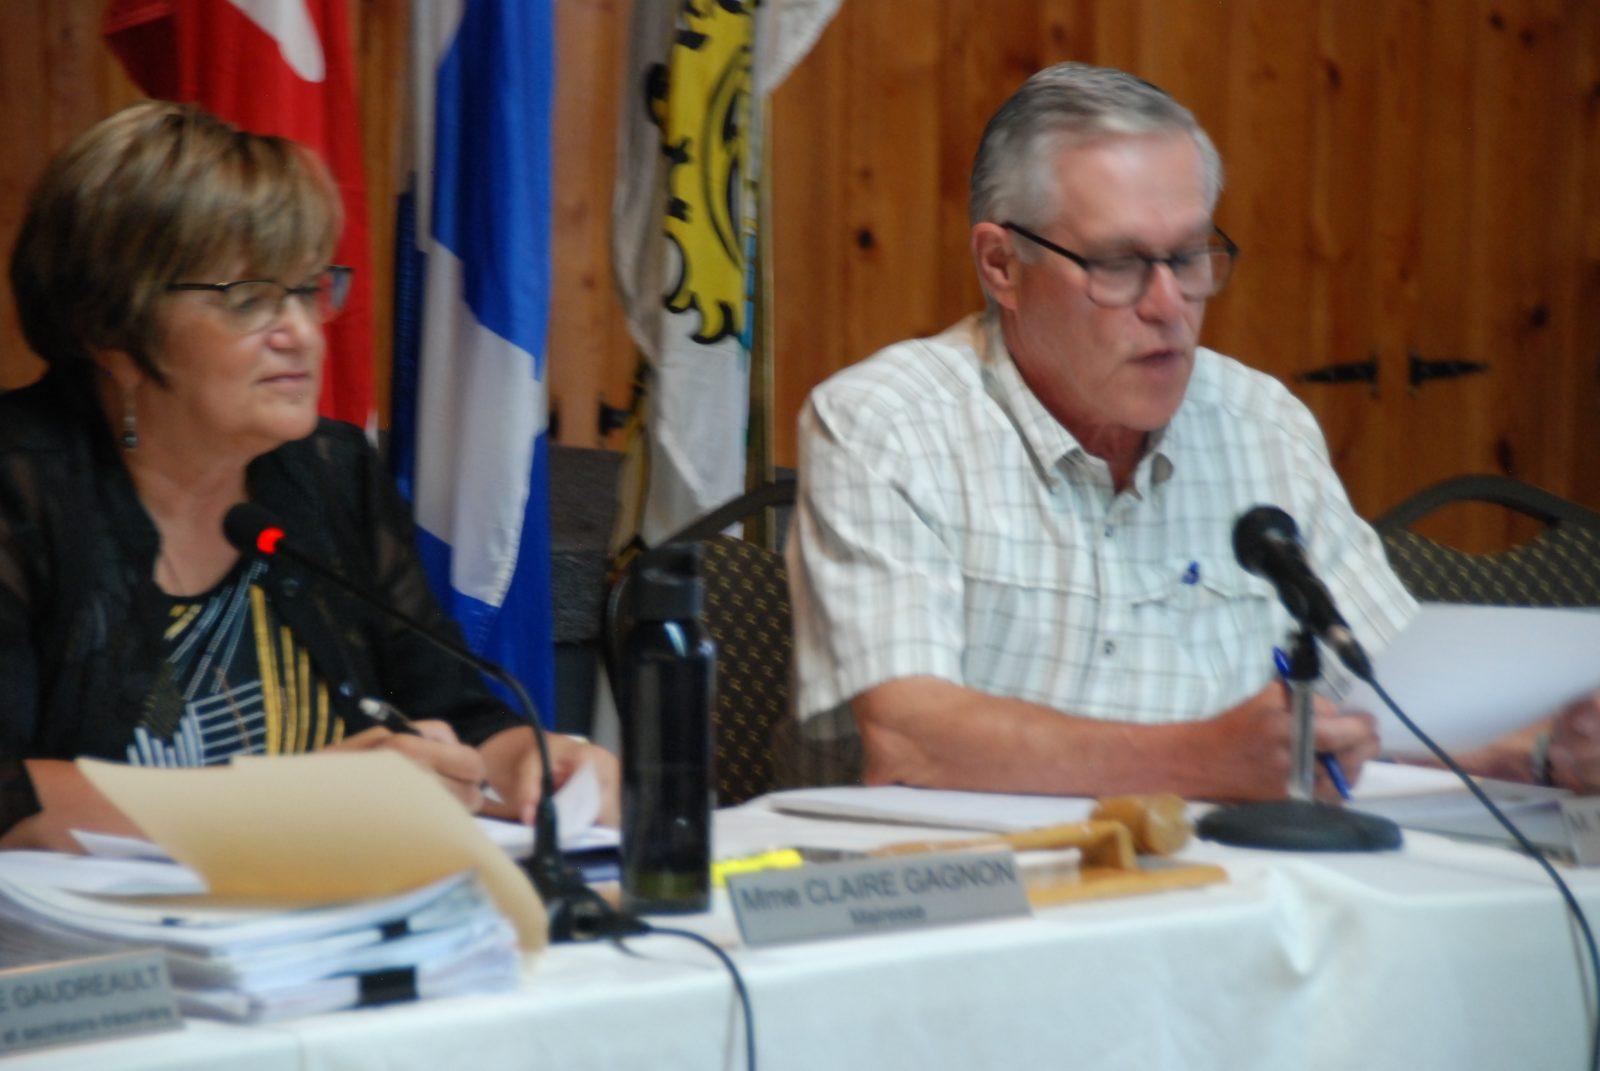 (Vidéo) Une séance du conseil municipal de Saint-Aimé-des-Lacs se termine dans la violence